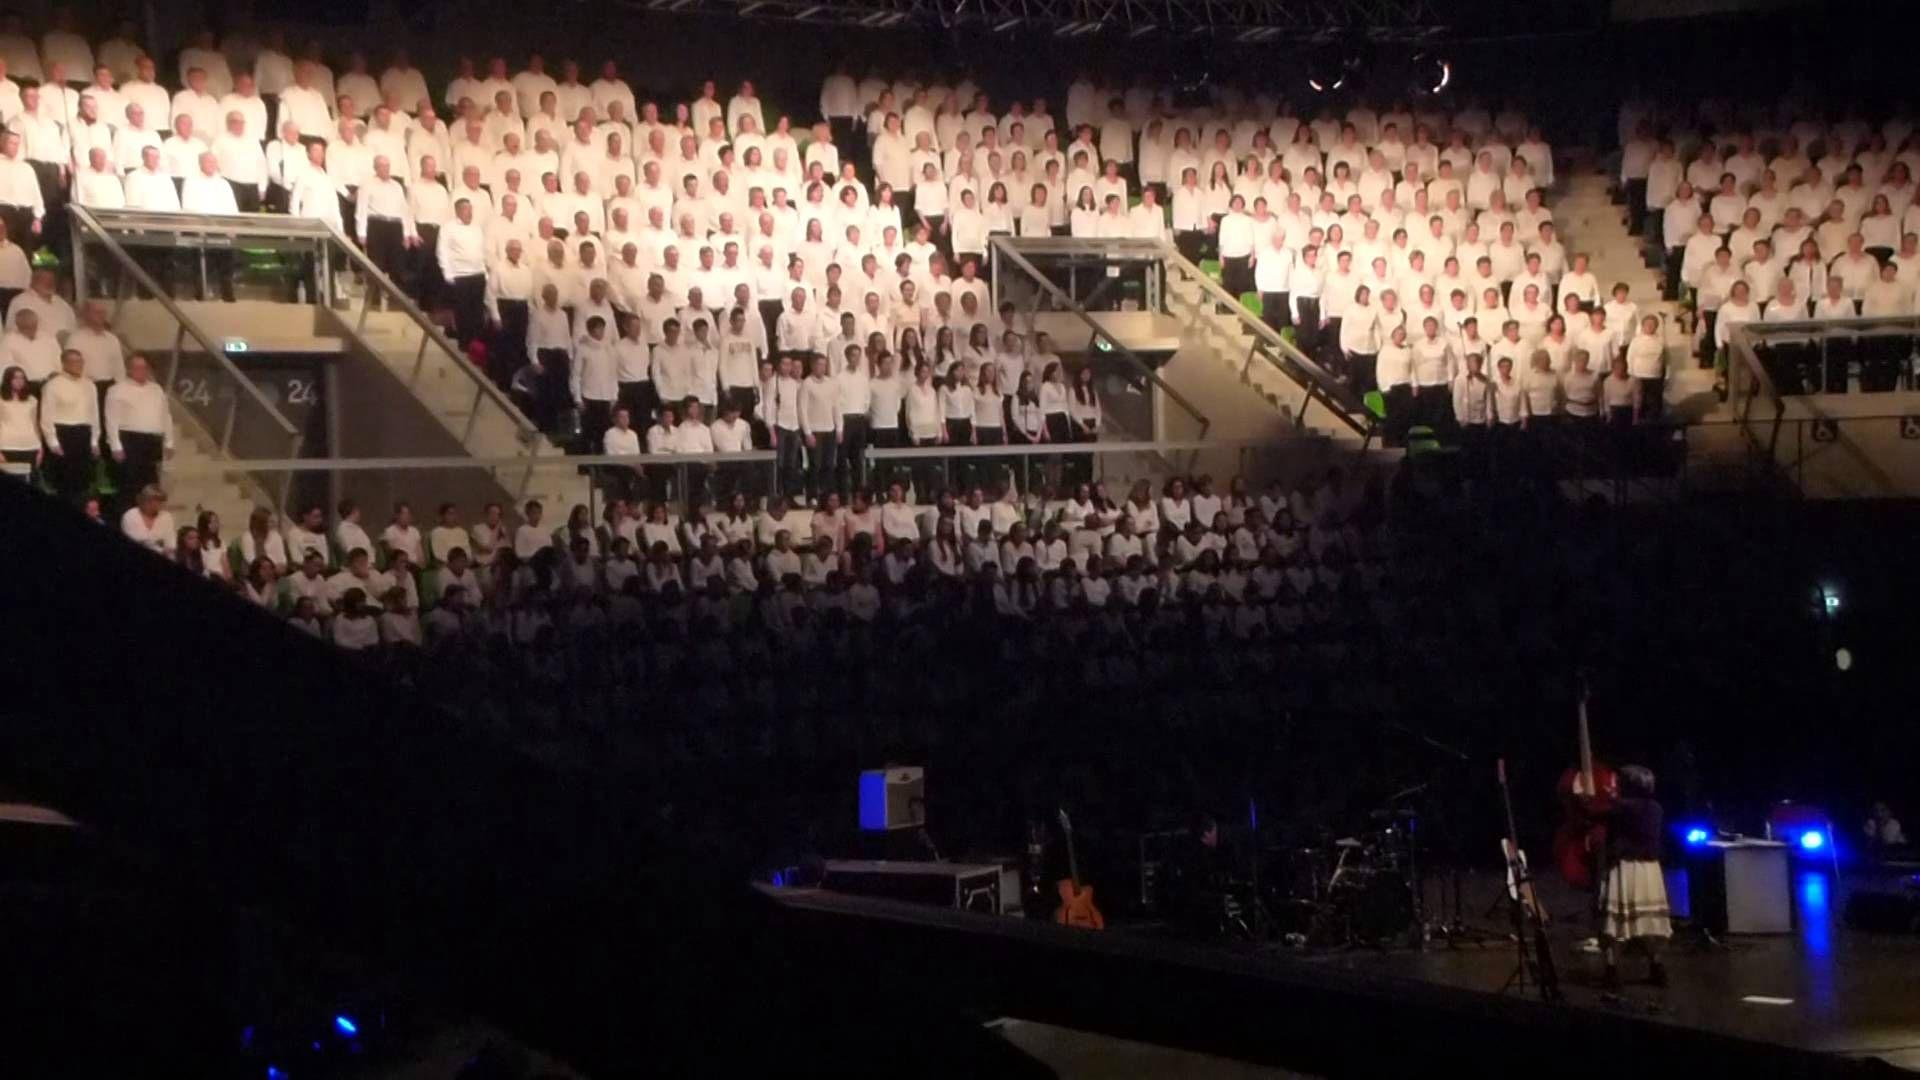 Concert 1300 choristes pour les restos du coeur - Axone Montbéliard 25 j...